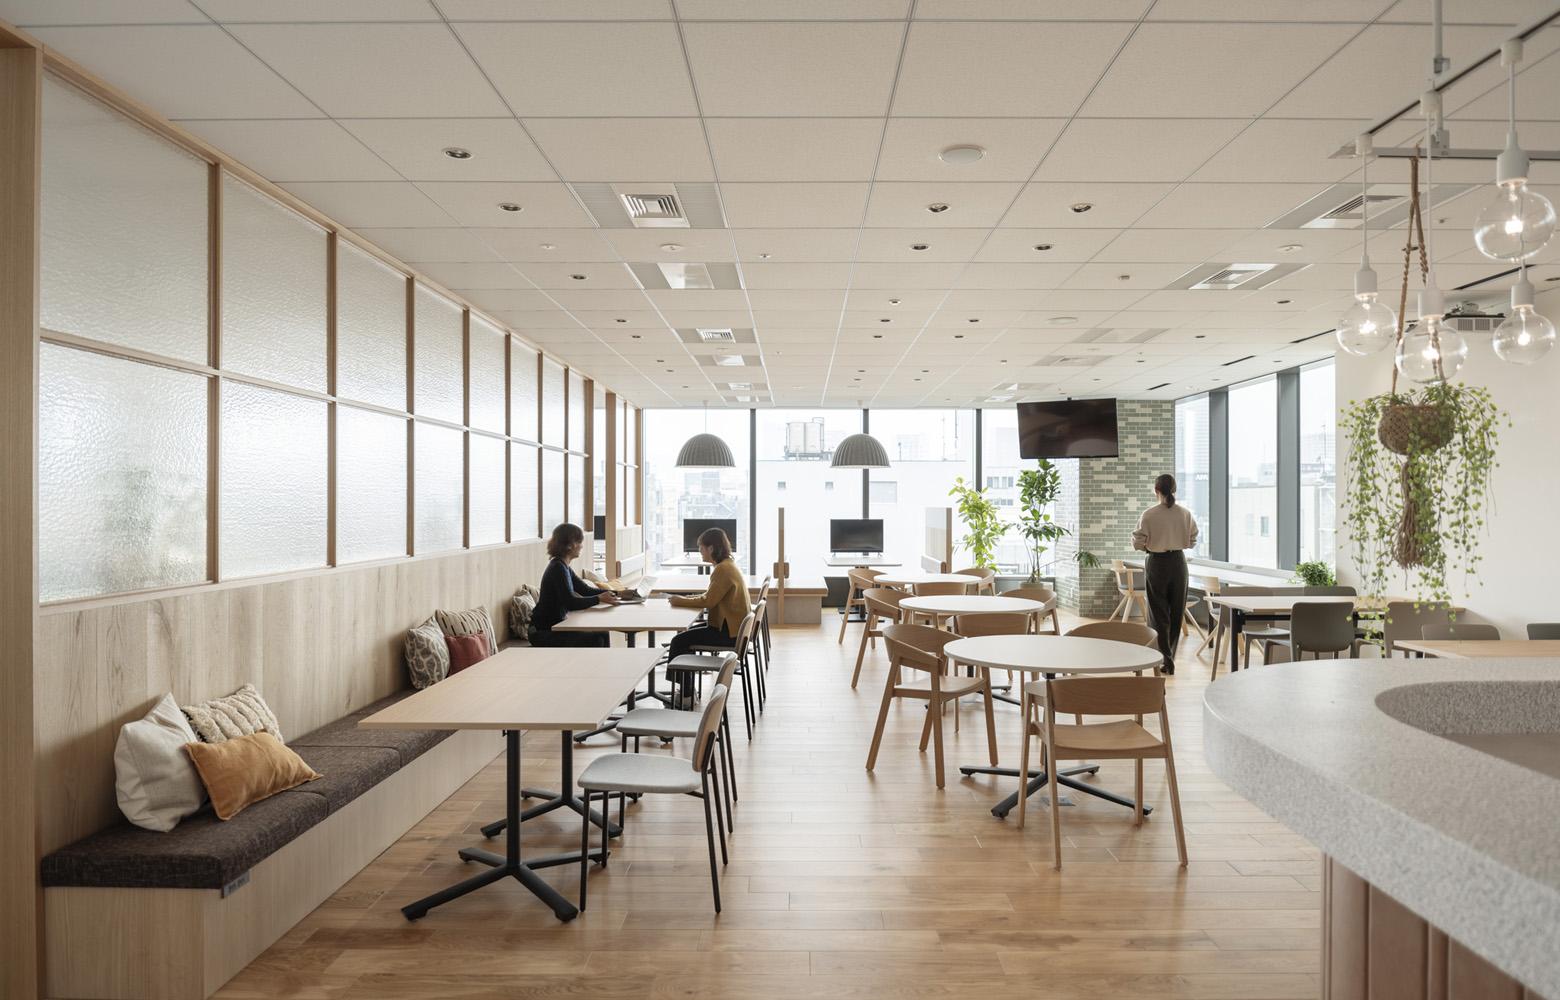 東洋アルミニウム株式会社 Work Lounge デザイン・レイアウト事例